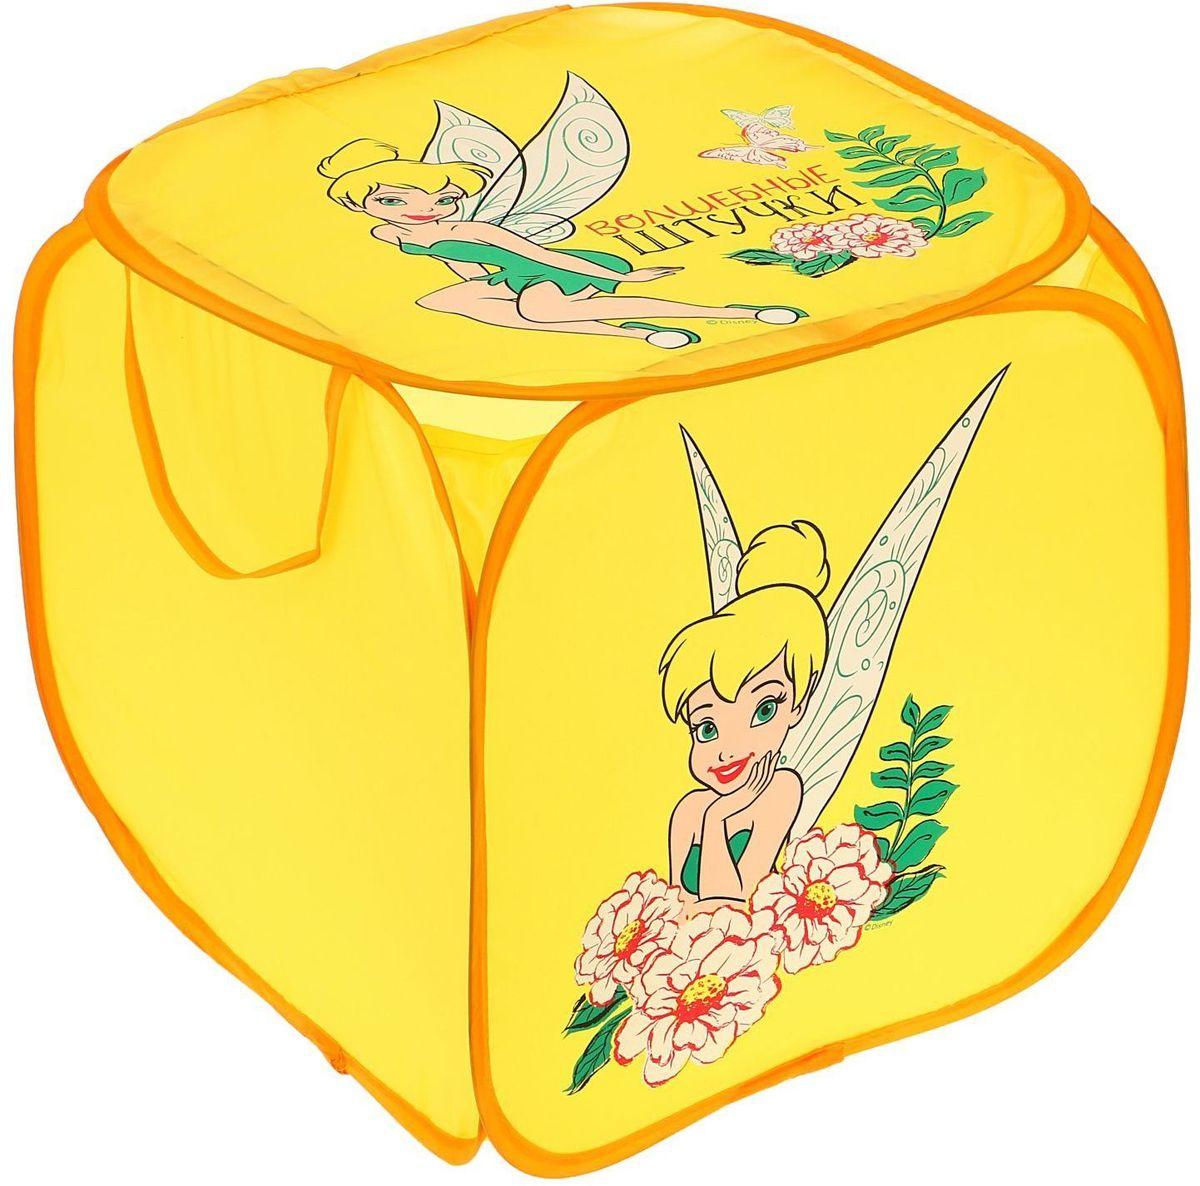 Disney Корзина для хранения Волшебные штучки ФеиLA1019RDС Disney уборка веселей! Квадратная корзина с героями любимого мультфильма приведёт ребёнка в восторг: малыш сам будет прибирать игрушки без лишних напоминаний! Изделие дополнено двумя ручками, за которые куб можно подвесить или перемещать с места на место. Крышка с красочным изображением известного персонажа Disney защитит содержимое корзины от пыли и других загрязнений.